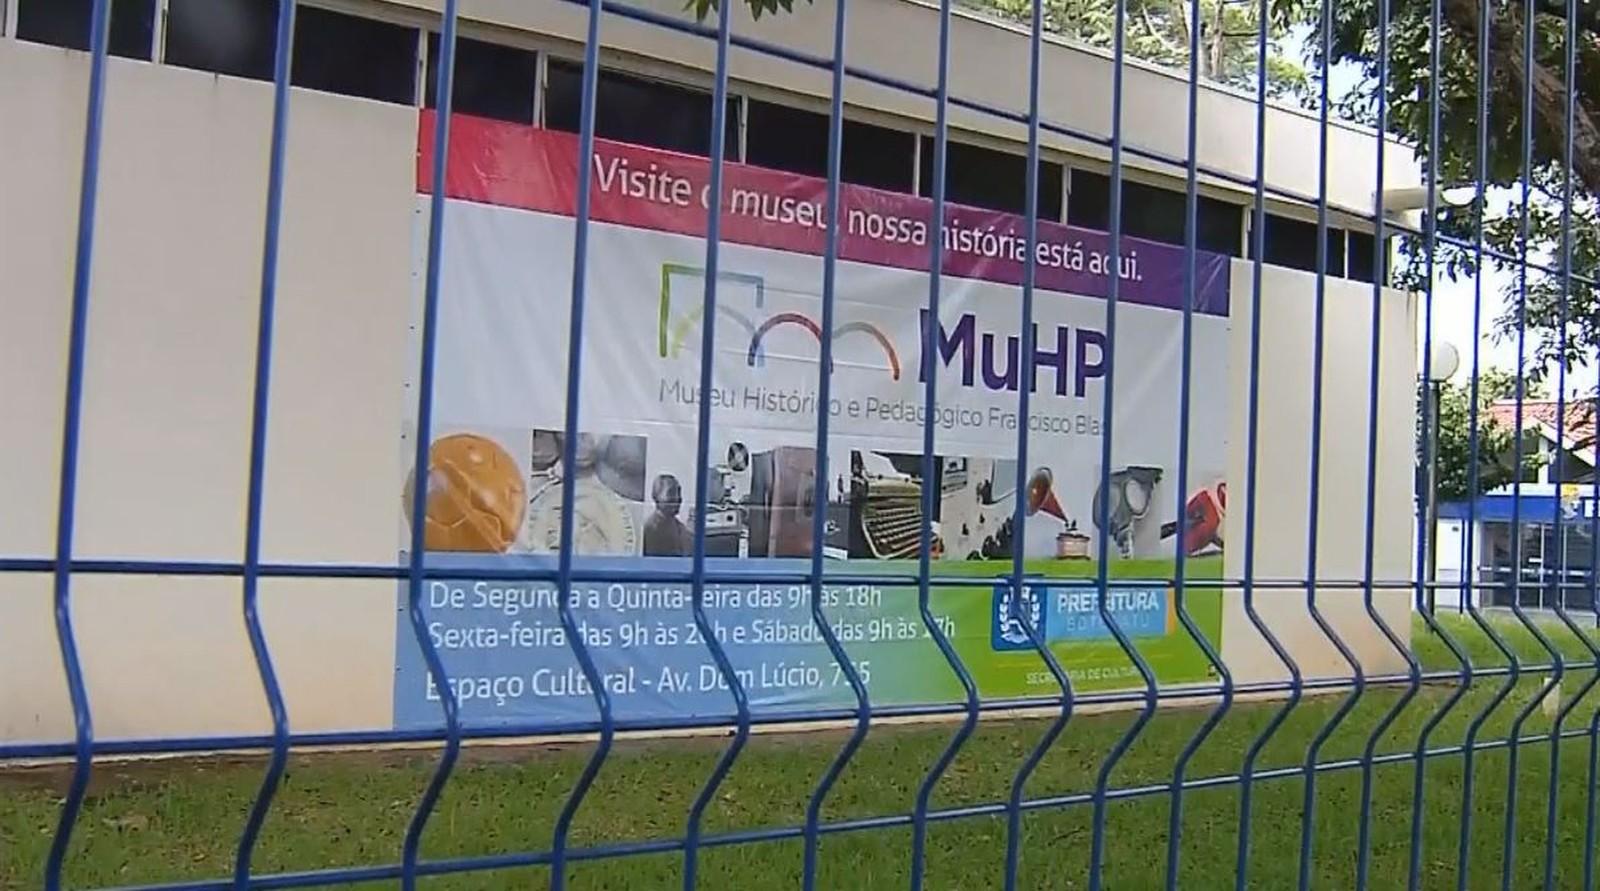 Prefeitura de Botucatu, em SP, censura exposições de combate à homofobia